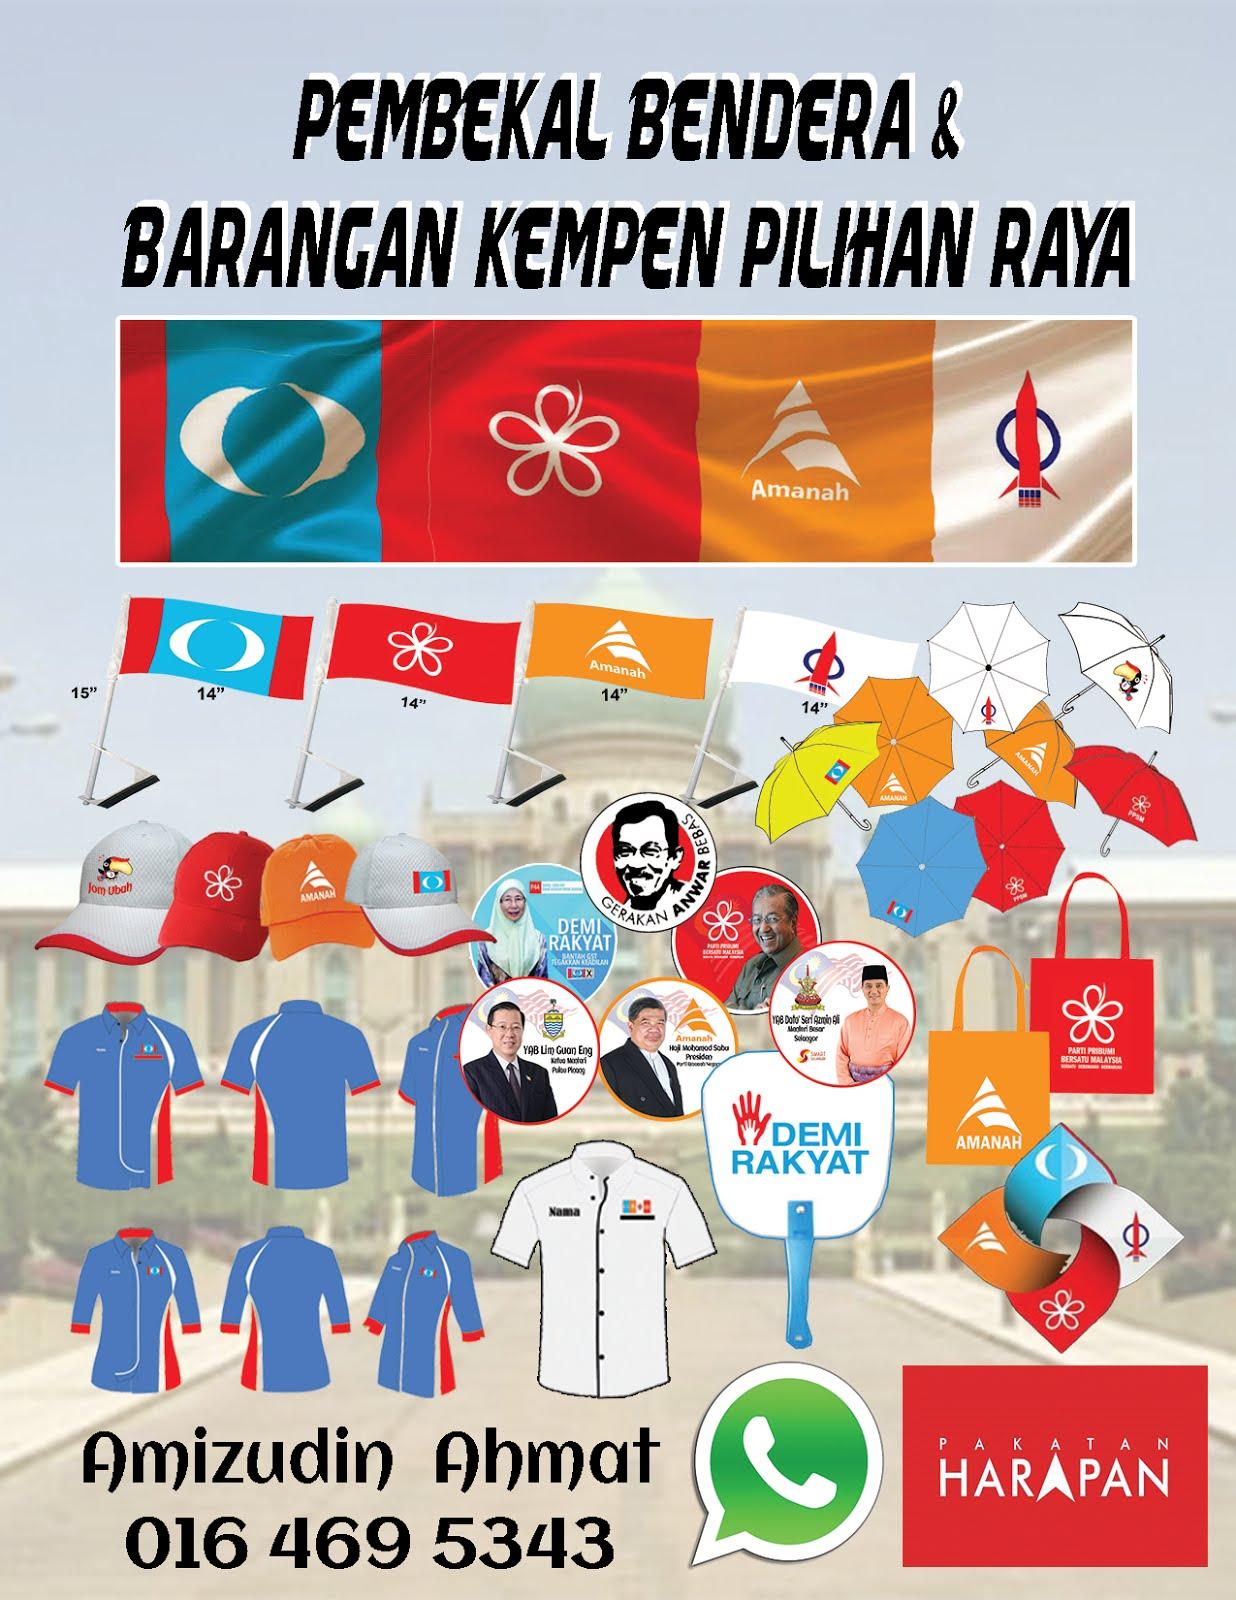 Saya adalah pembekal bendera murah Pakatan Harapan dan Barangan Kempen  Pilihan Raya bagi seluruh Semenanjung Malaysia termasuk Sabah dan Sarawak. 74027c51a4